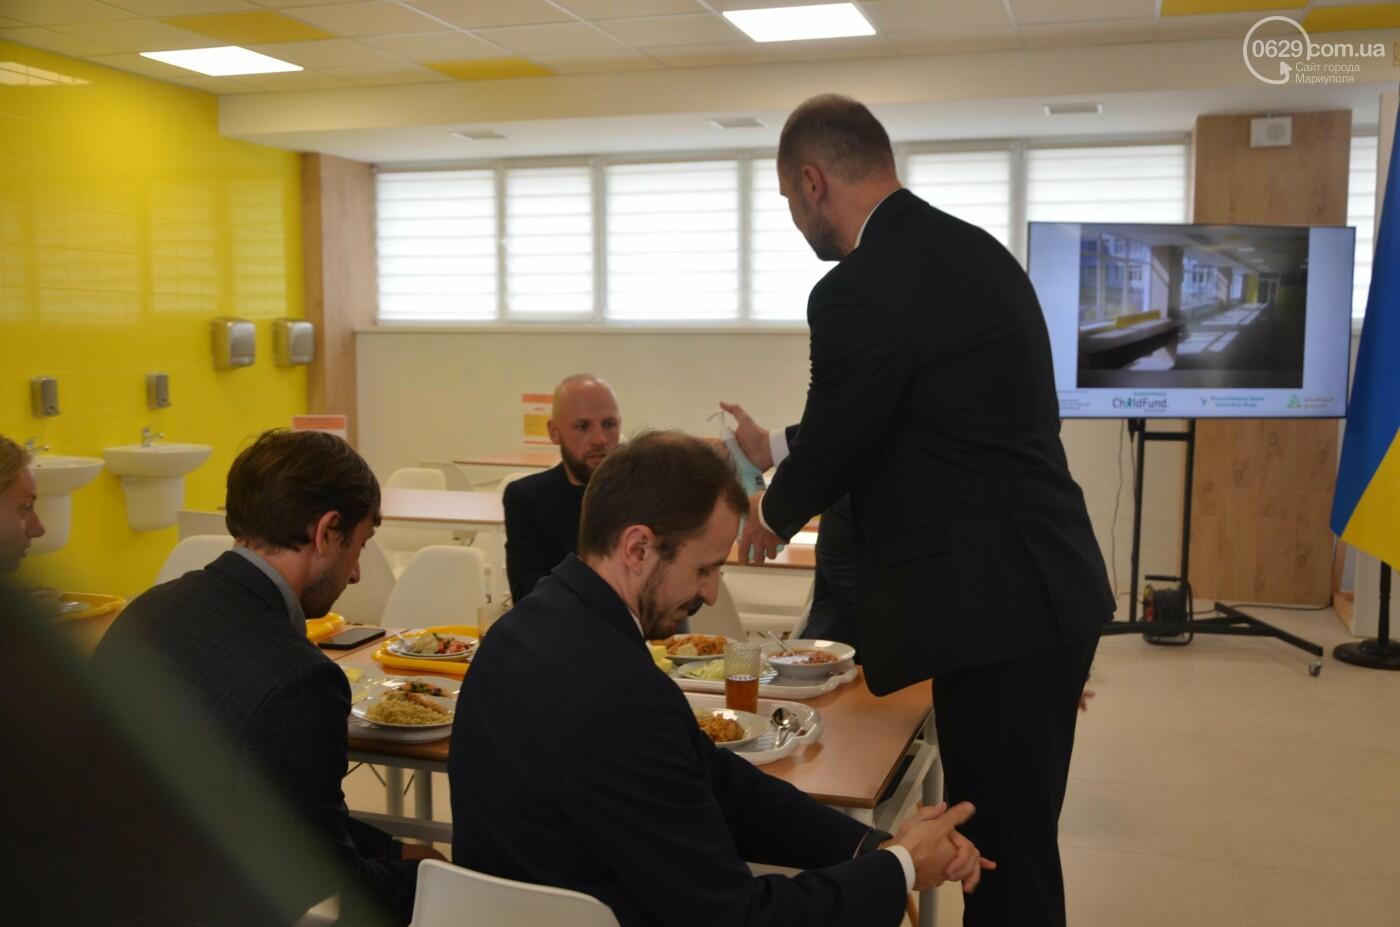 Министр образования пообедал в школьной столовой Мариуполя, - ФОТО, фото-19